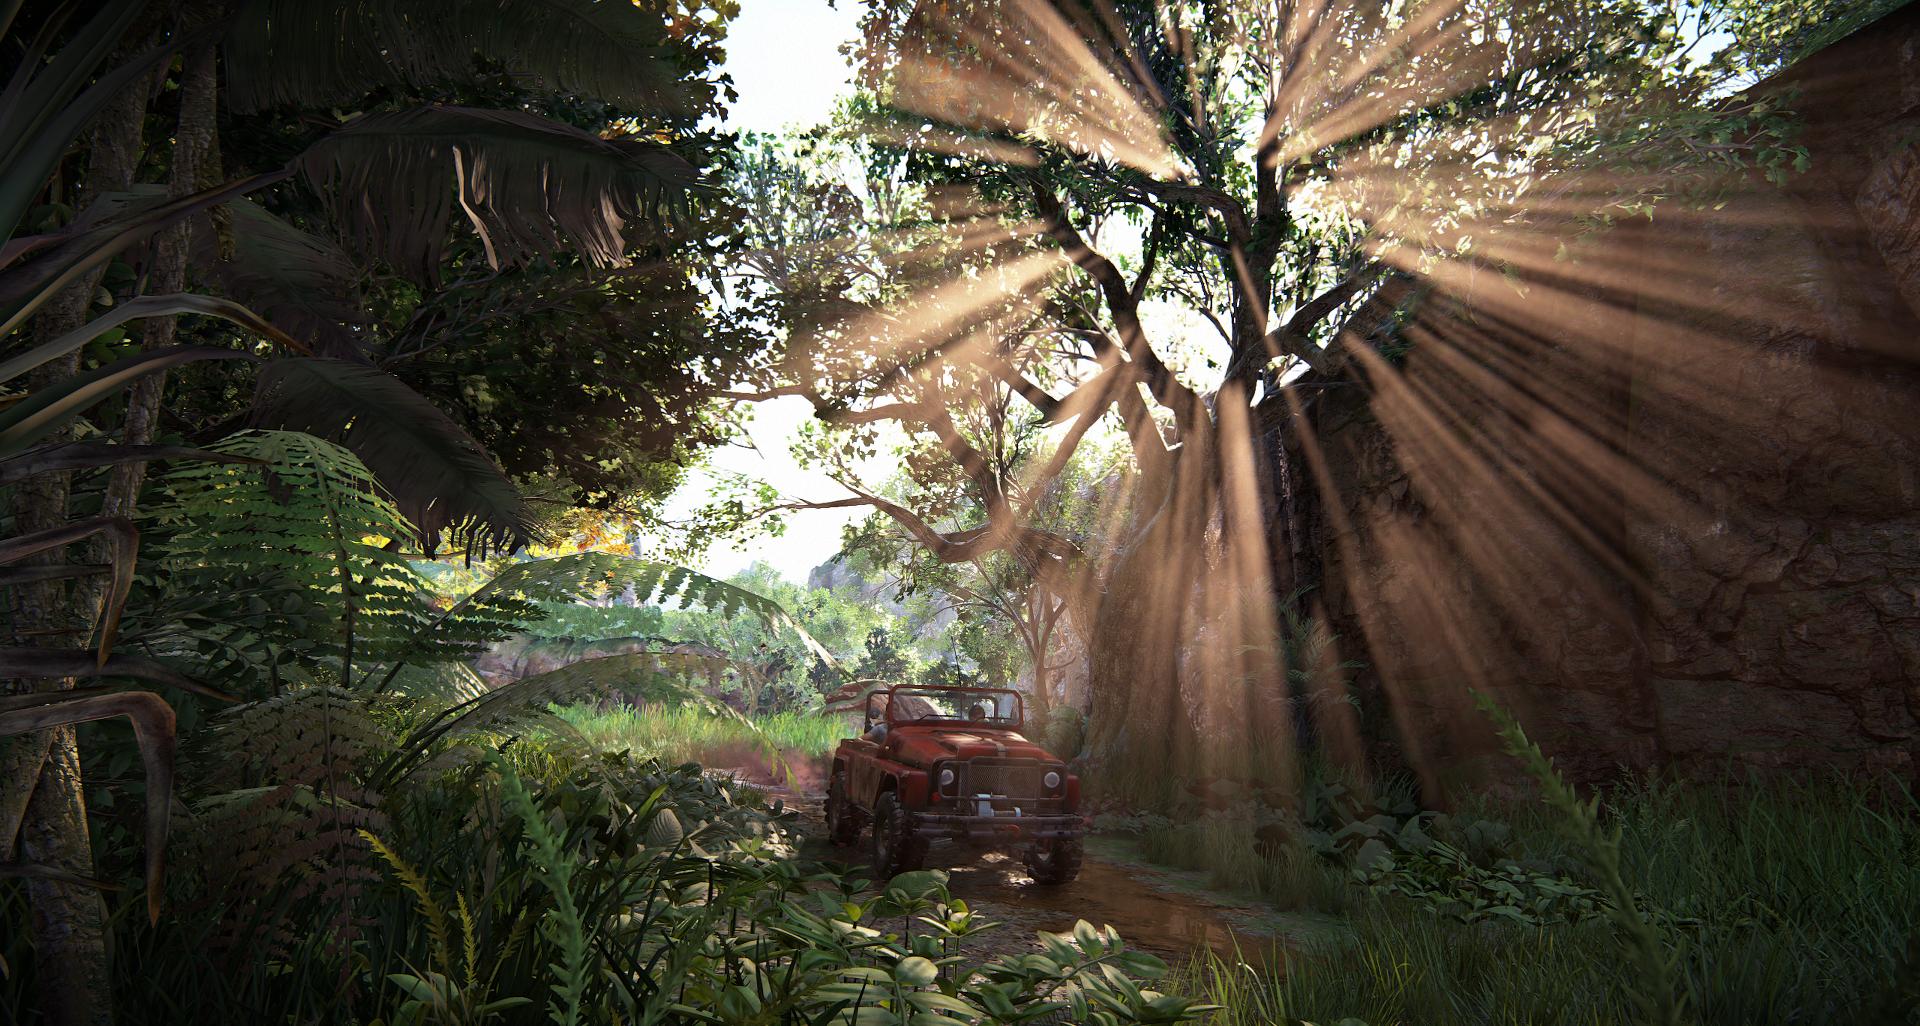 Как освещение влияет на геймдизайн и игровой опыт - 1